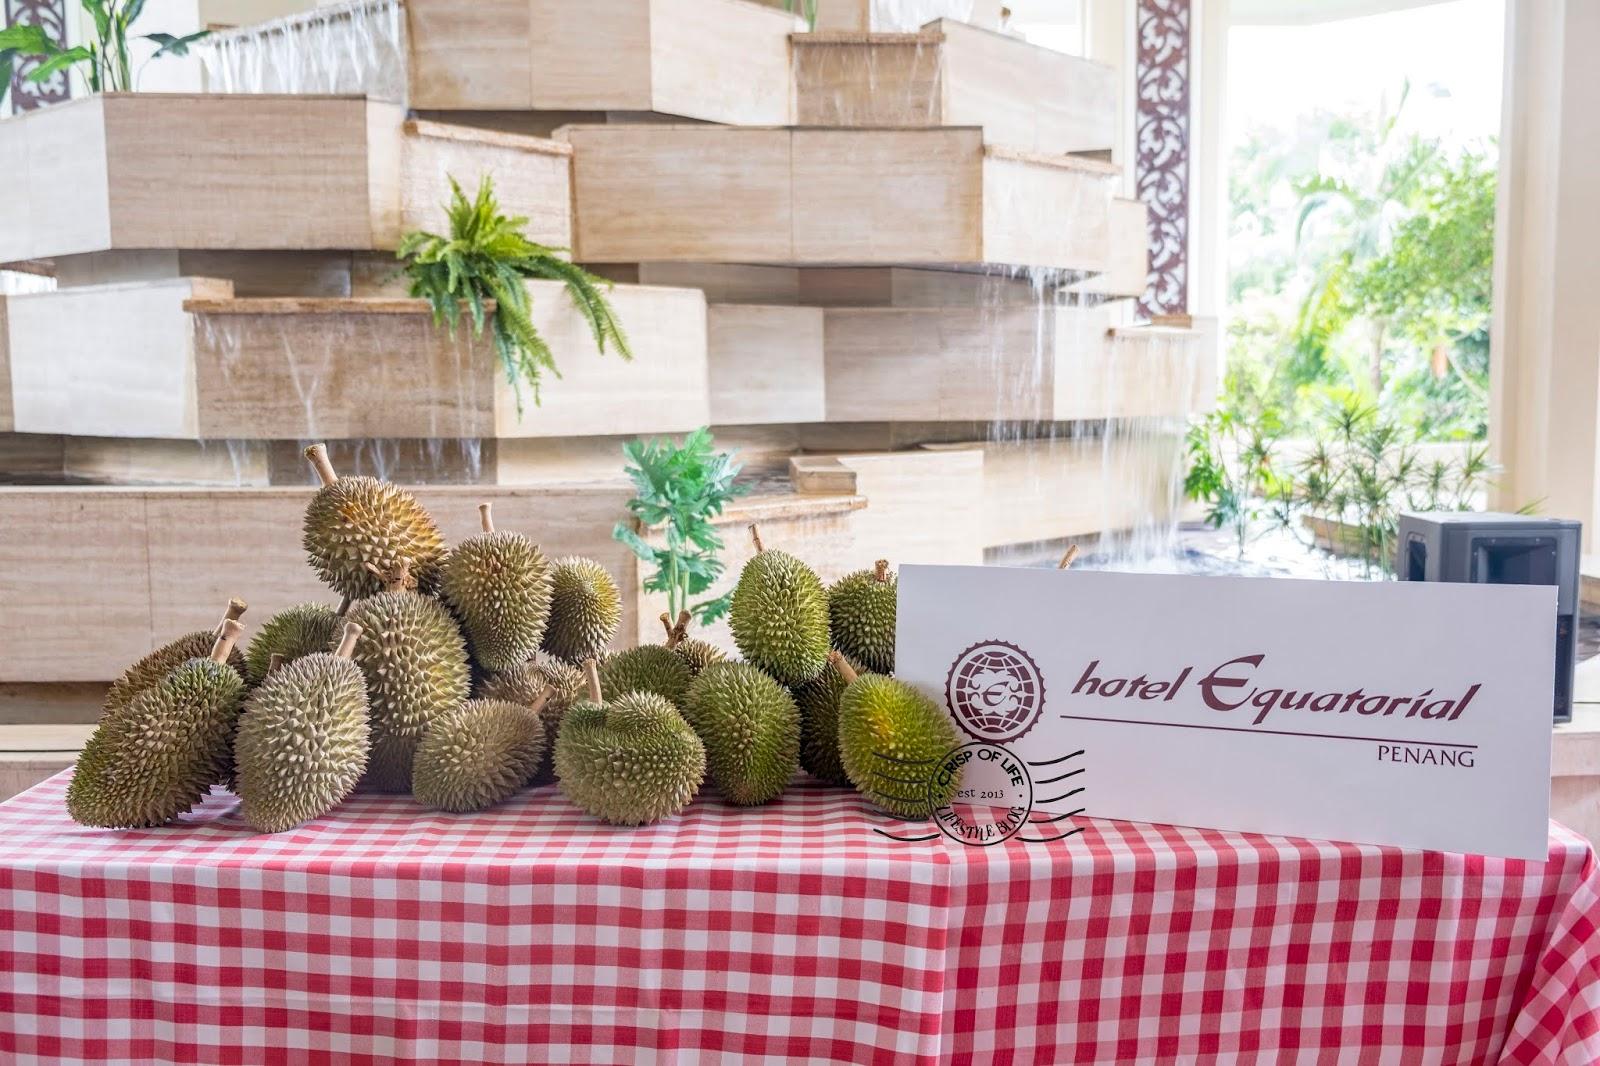 Hotel Equatorial Durian Buffet for RM 40nett